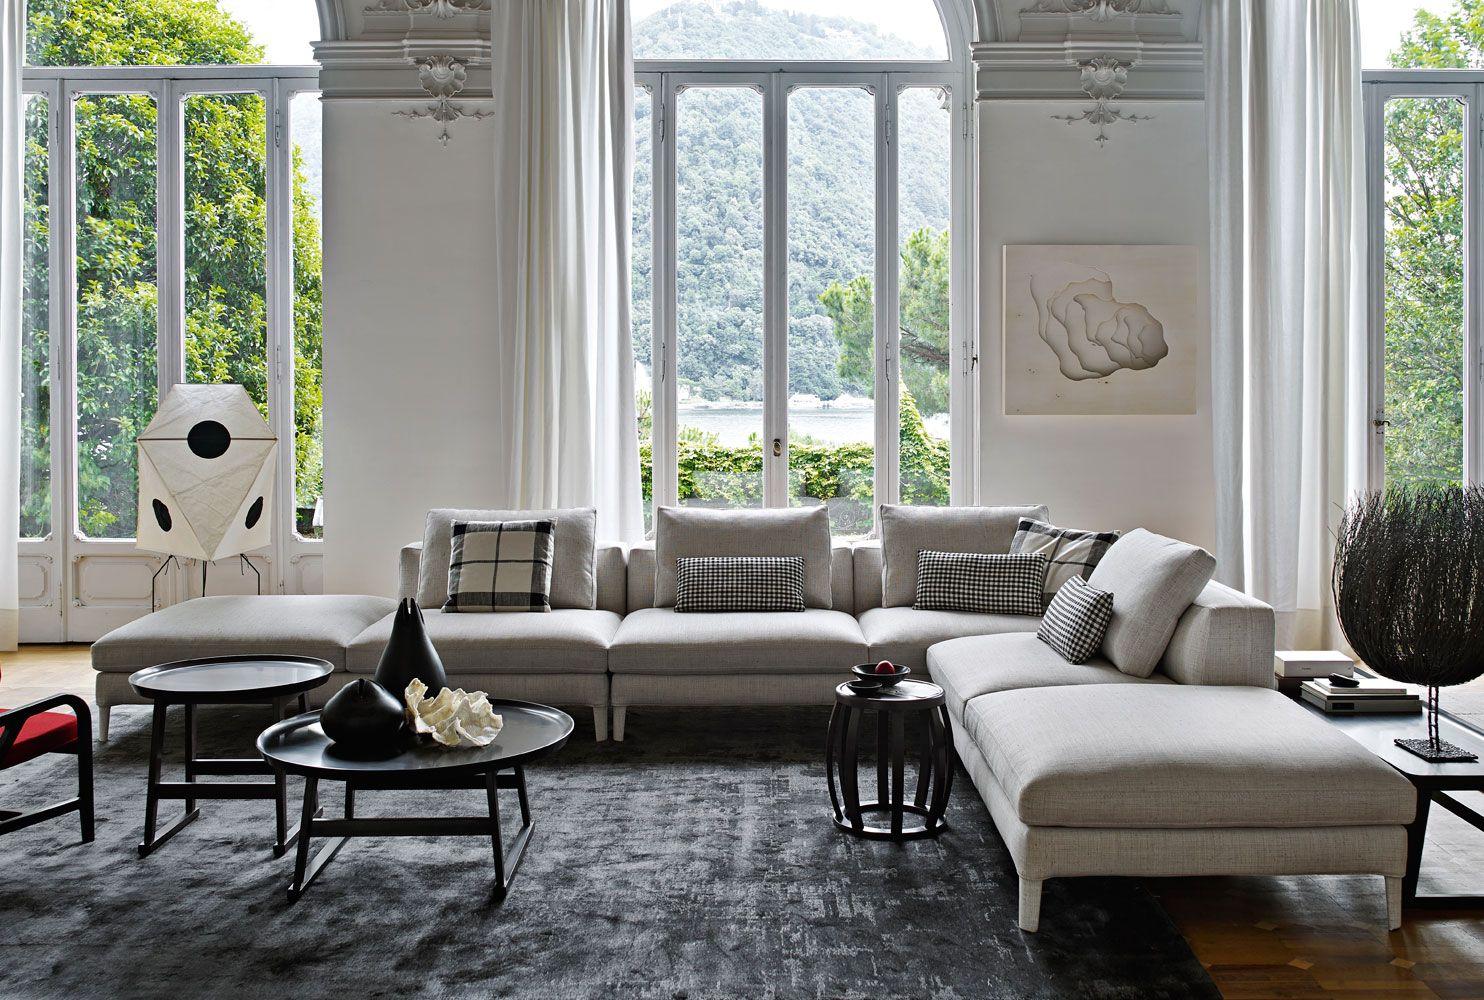 B b italia divano dives collezione maxalto design - Divano luis b b ...